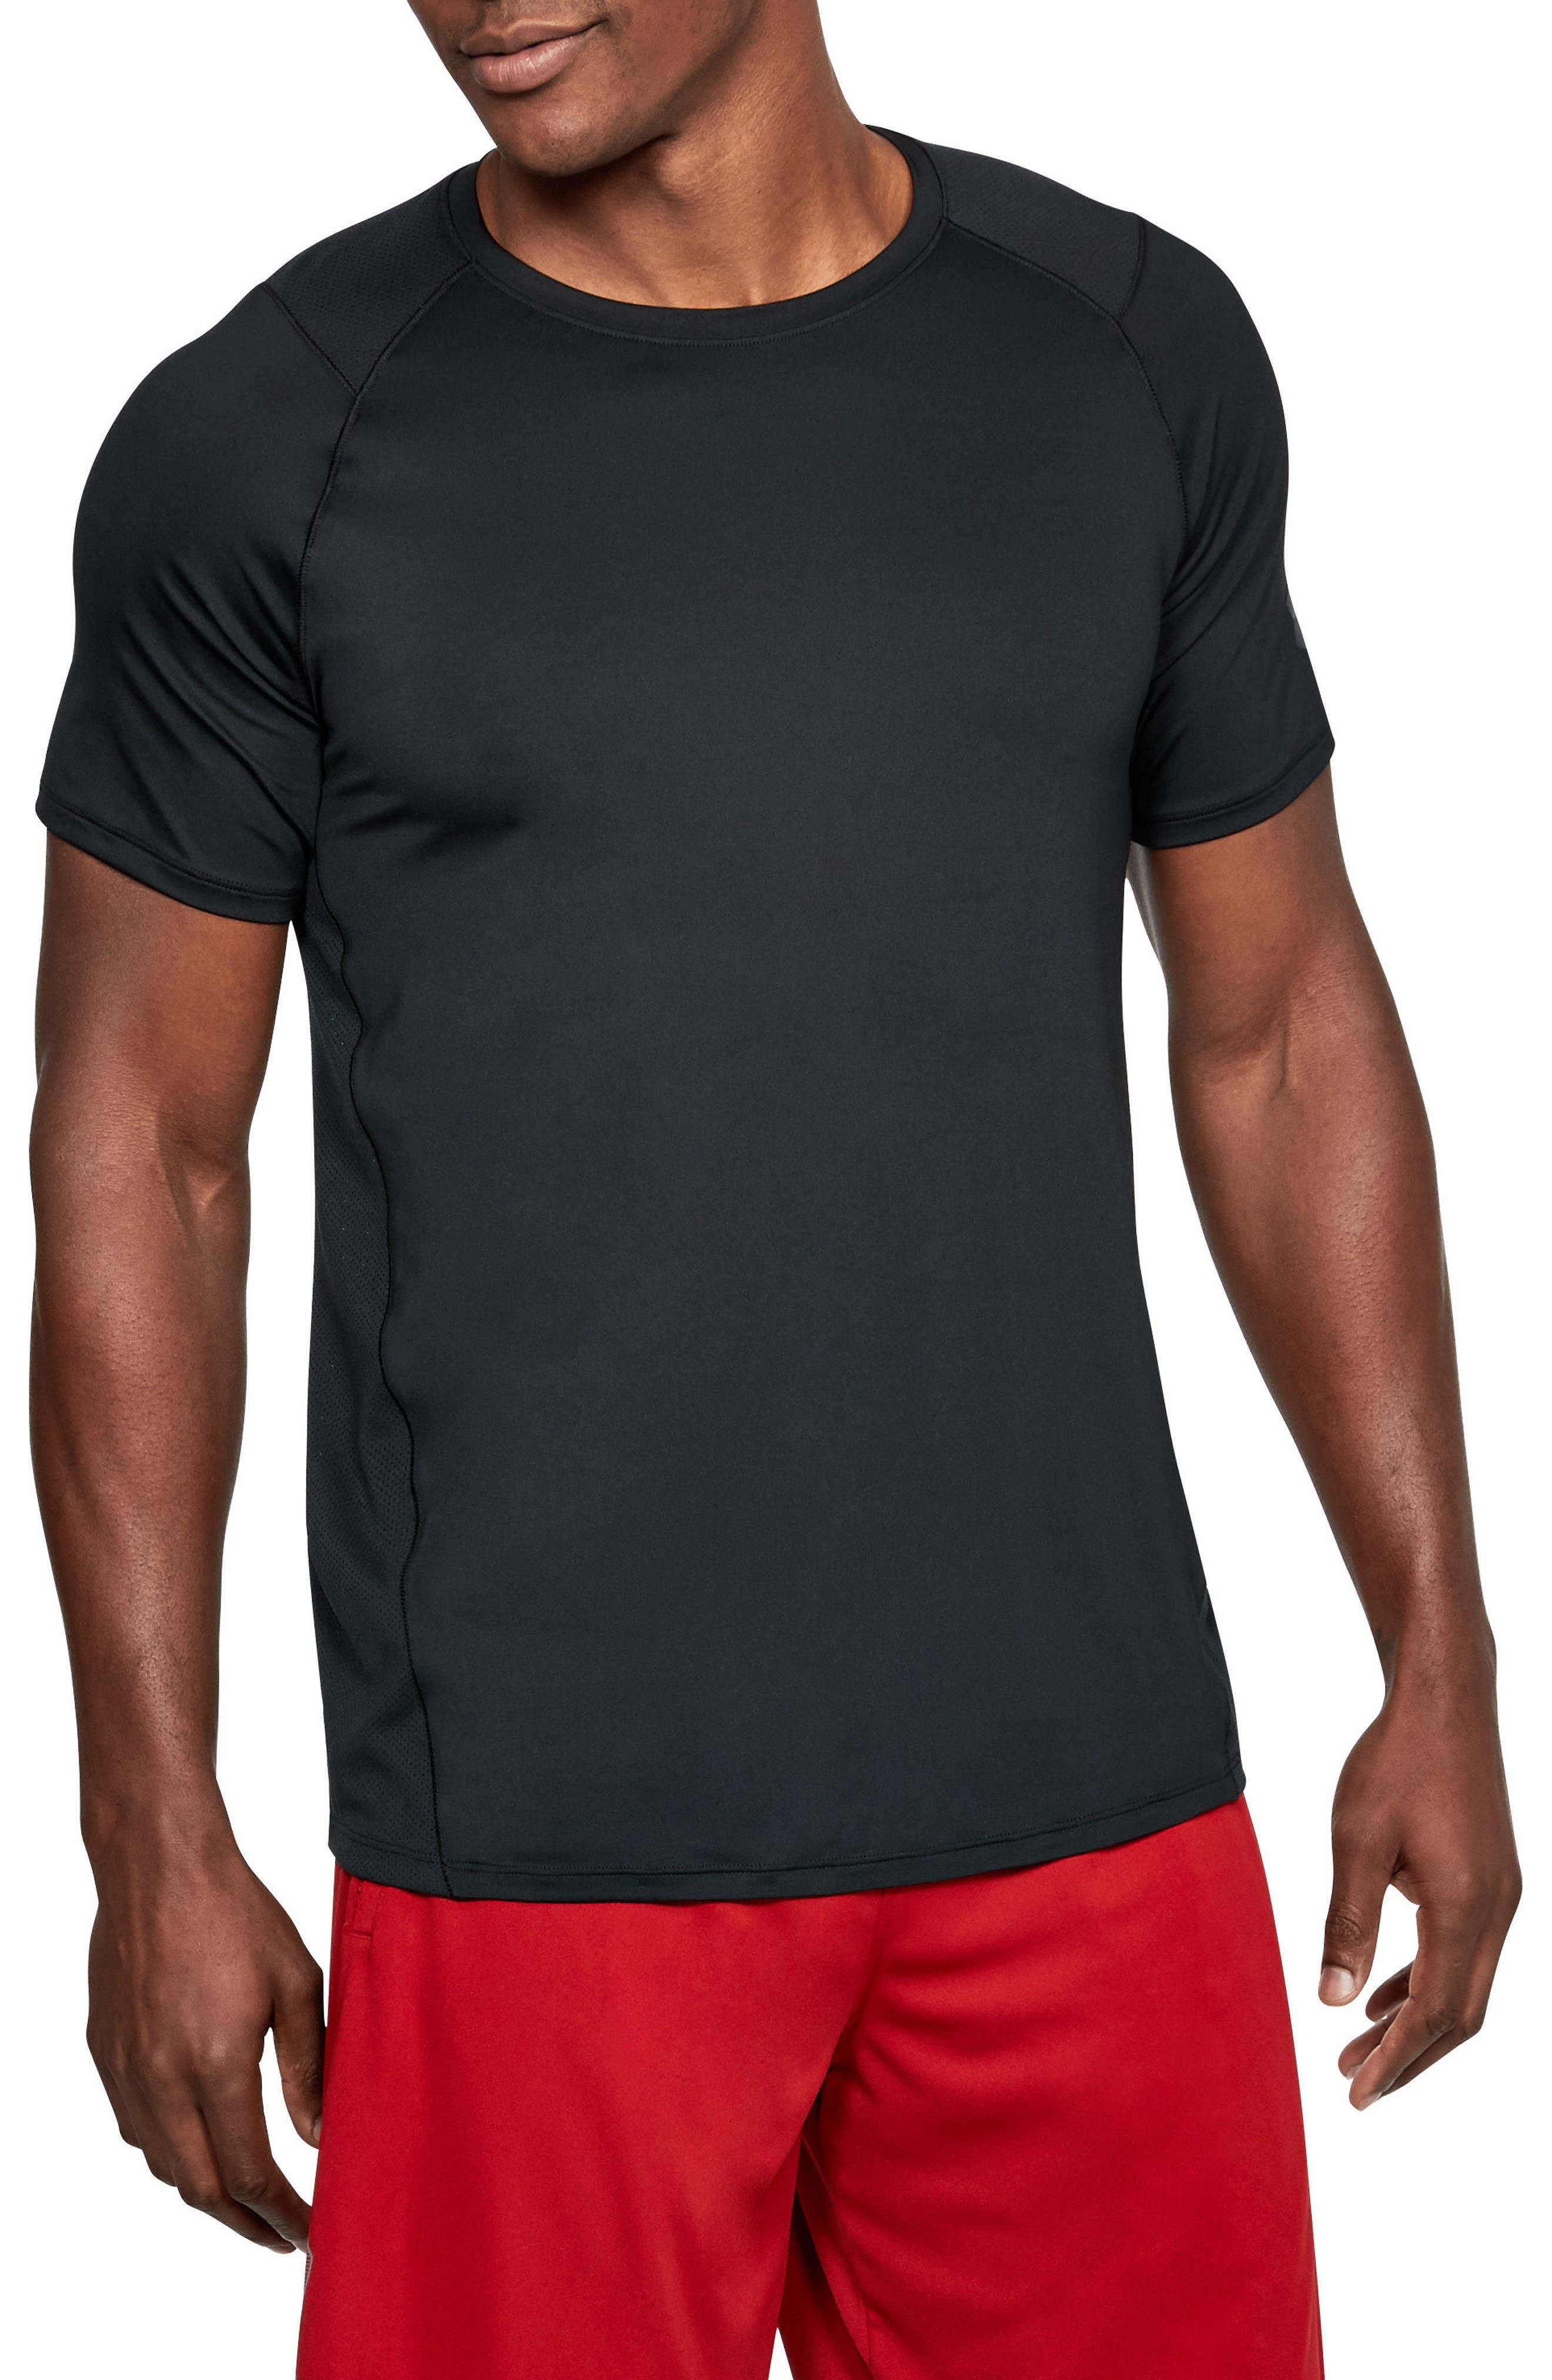 Raid 2.0 Crewneck T-Shirt,                             Main thumbnail 1, color,                             001